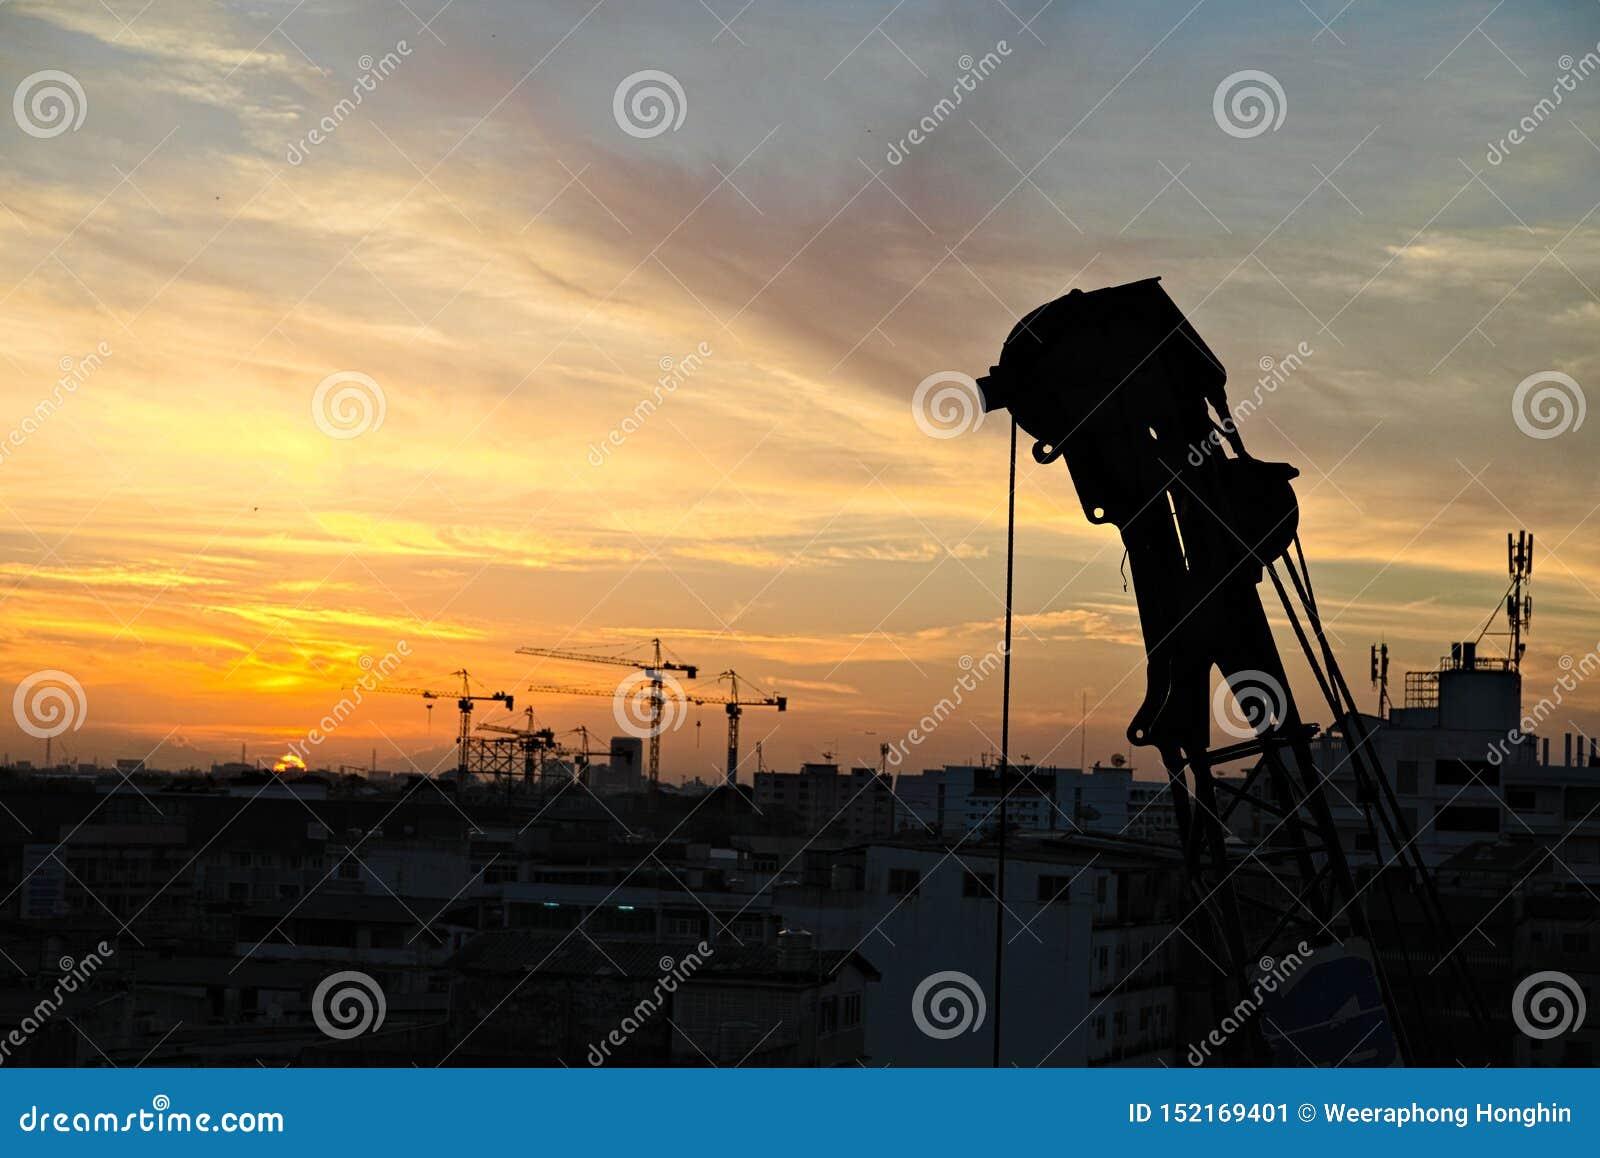 Gru pronta a lavorare dopo alba